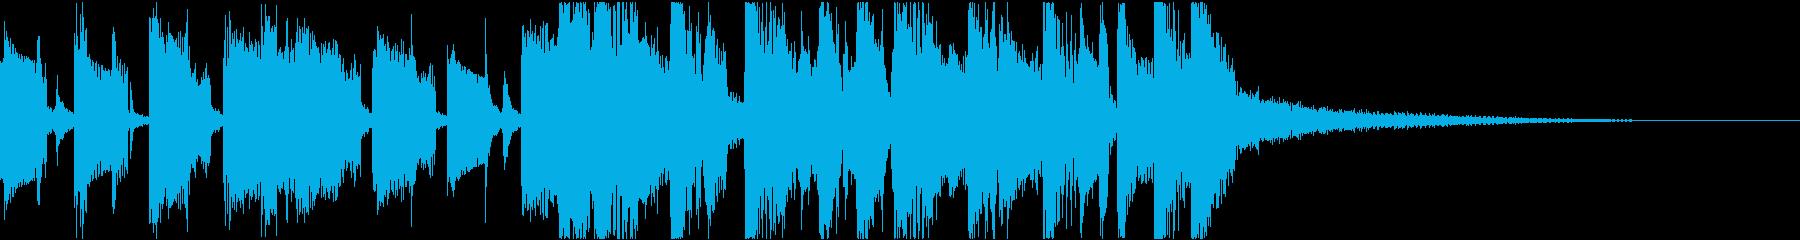 オープニングやキャラ紹介のSEの再生済みの波形